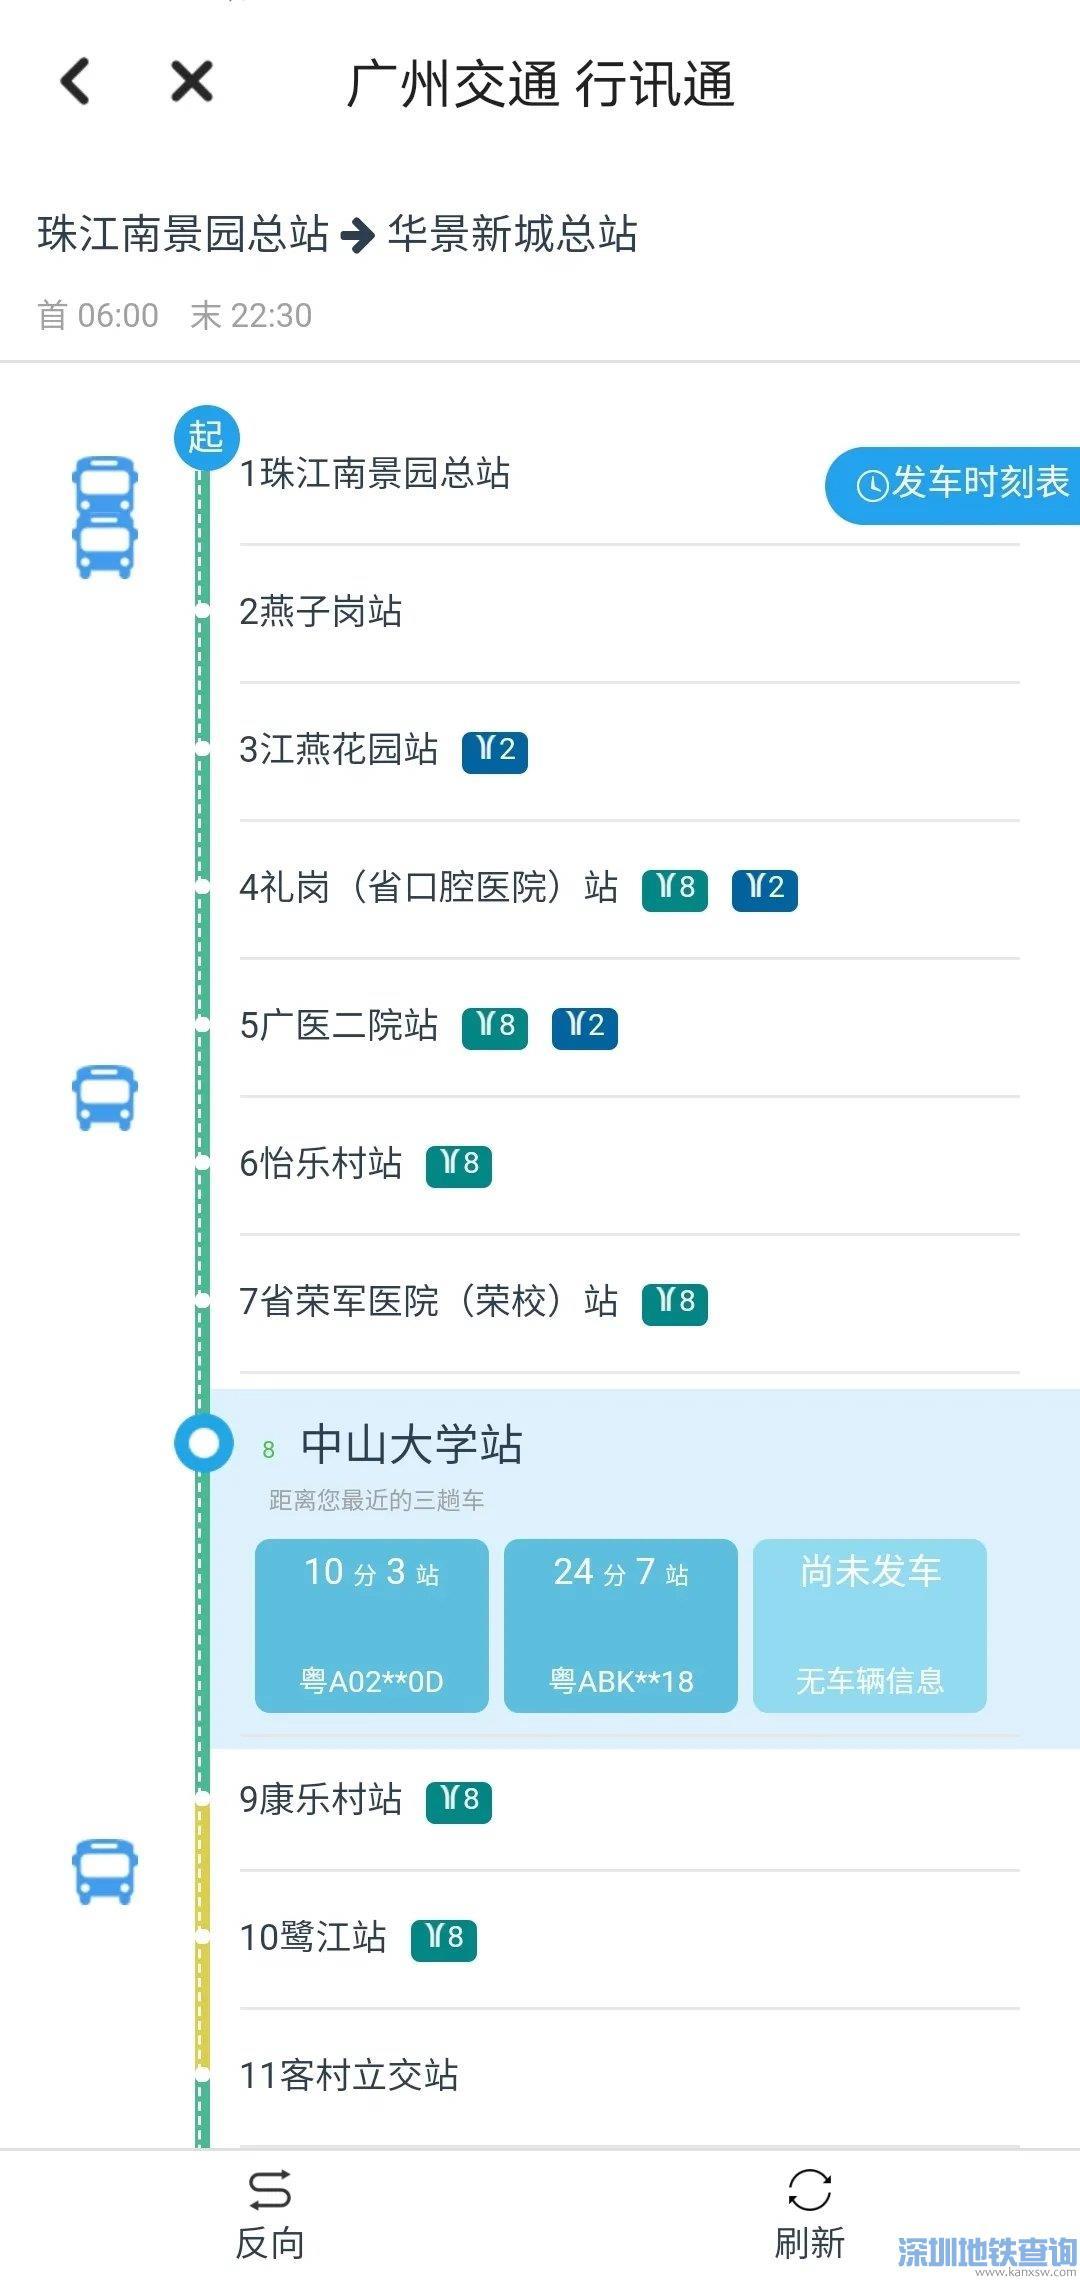 2020广州穗好办实时公交查询详细指引(图解)